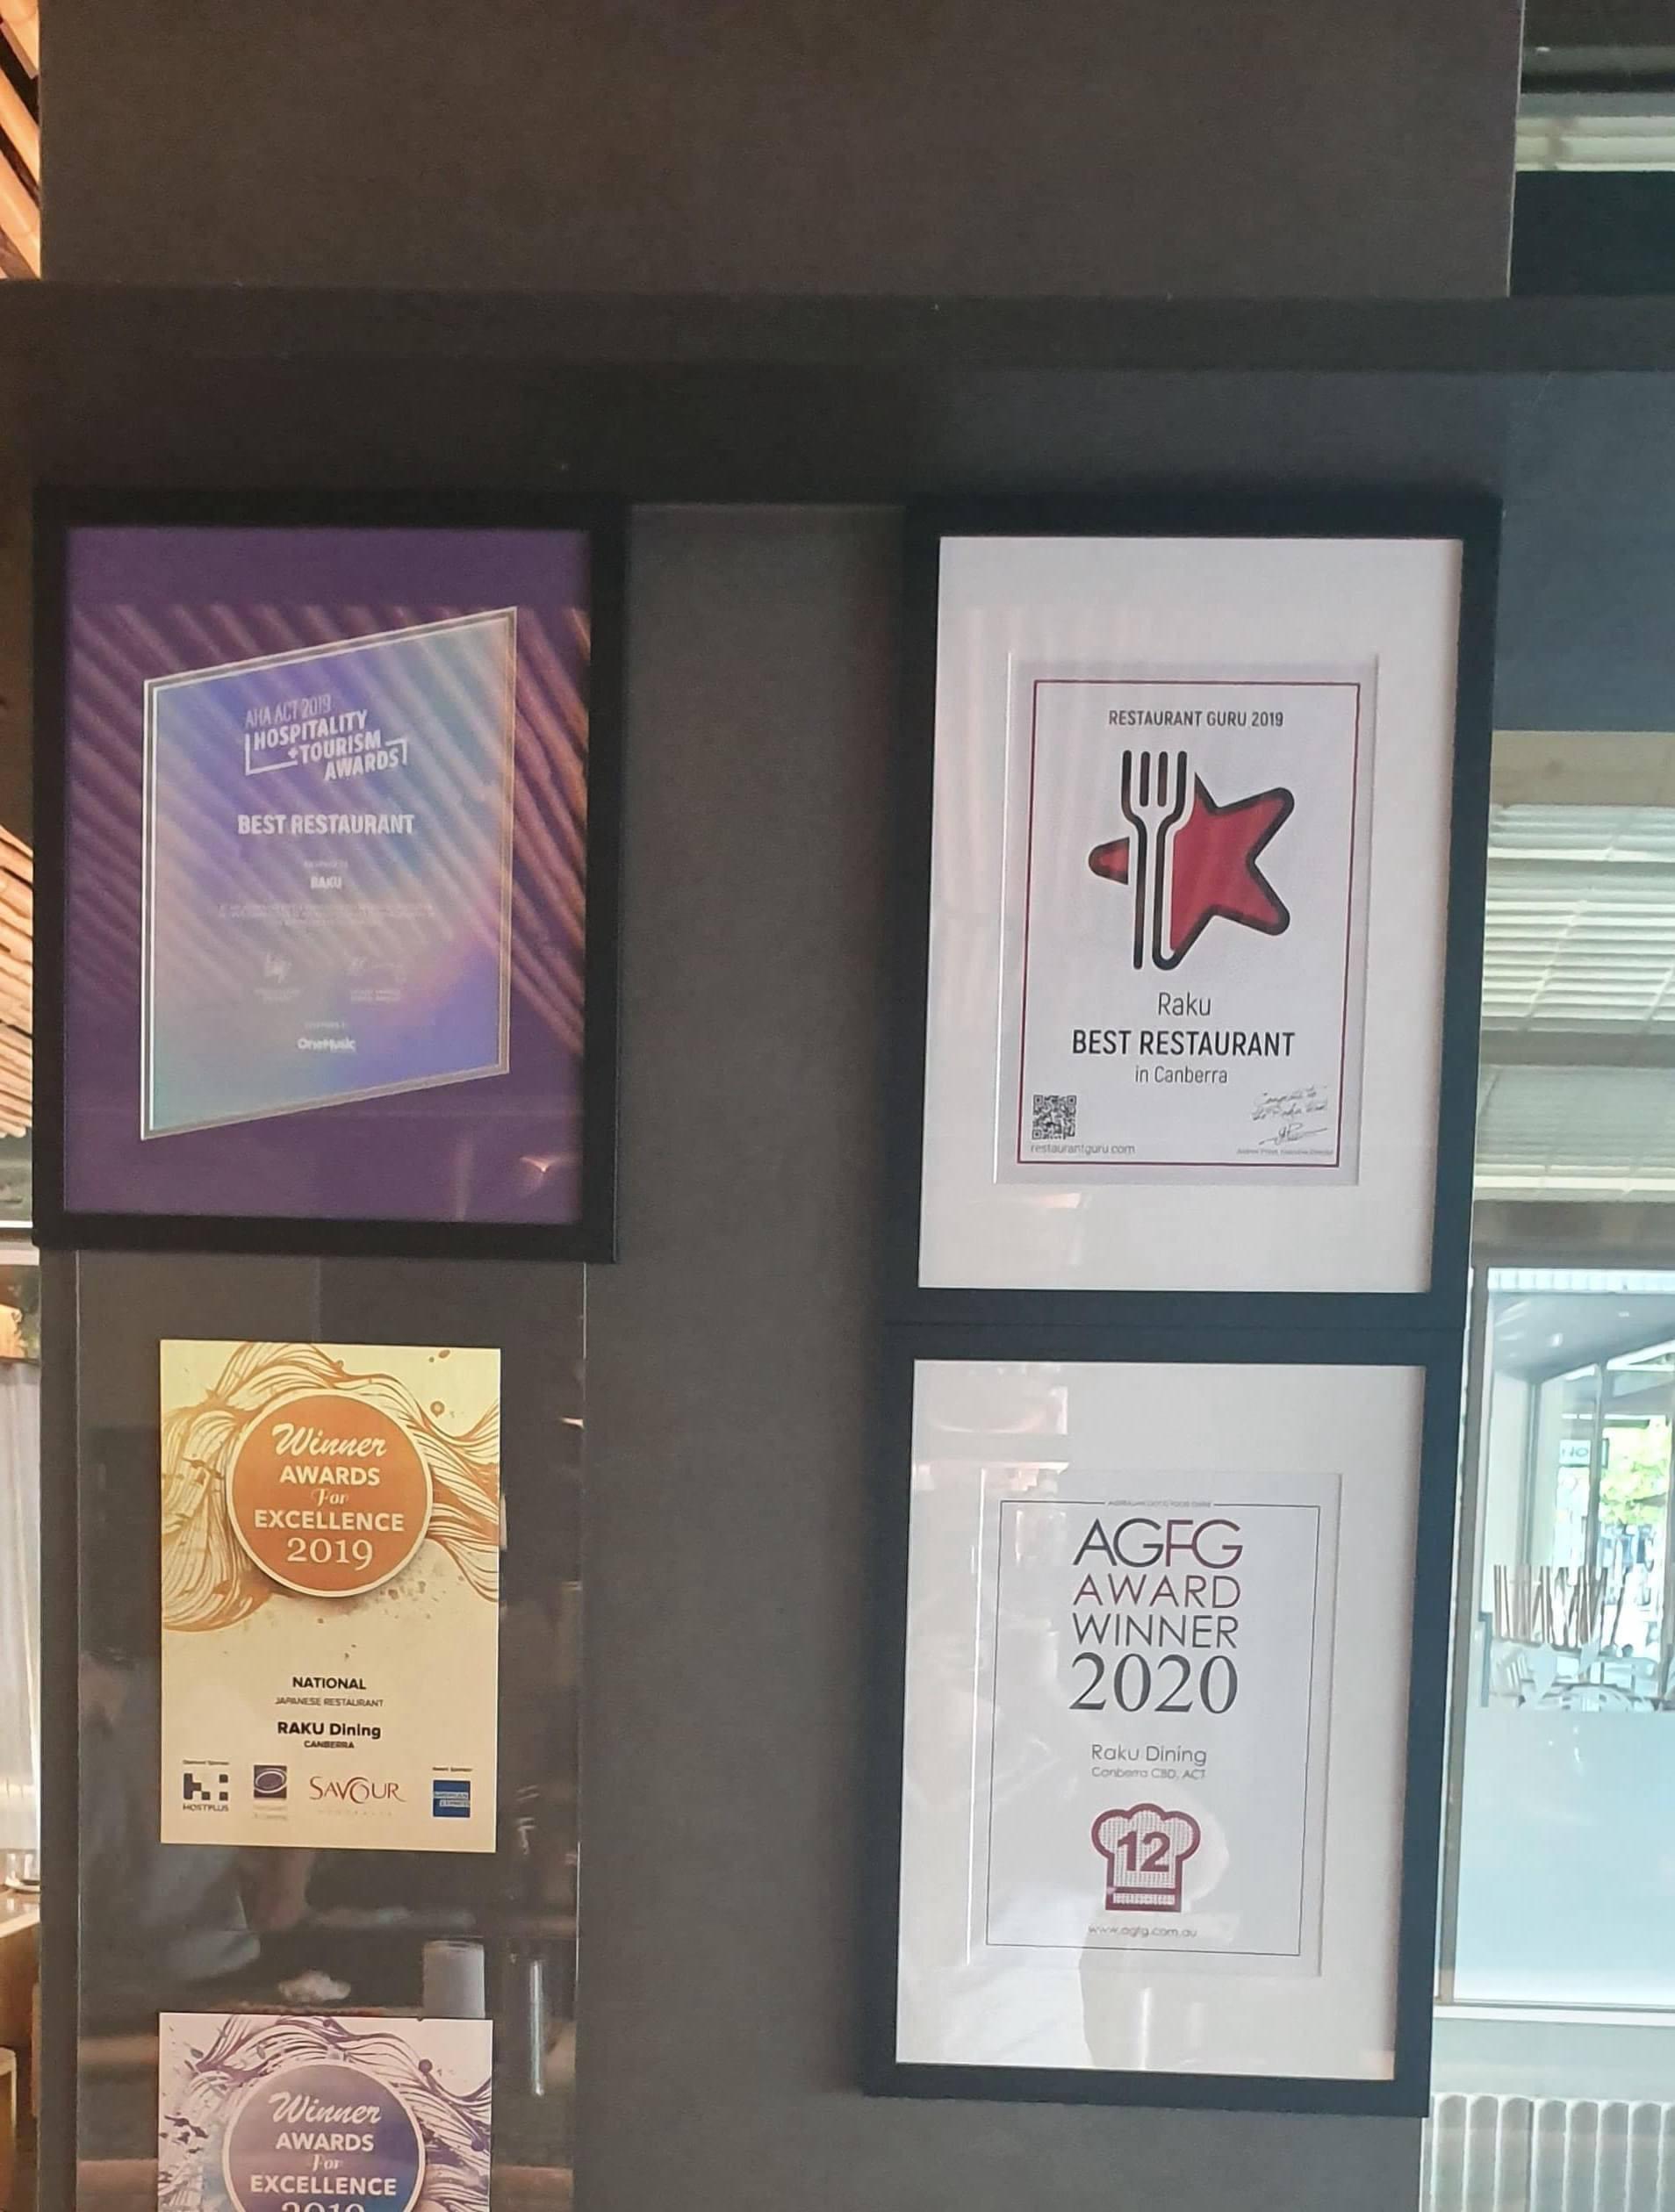 Raku award